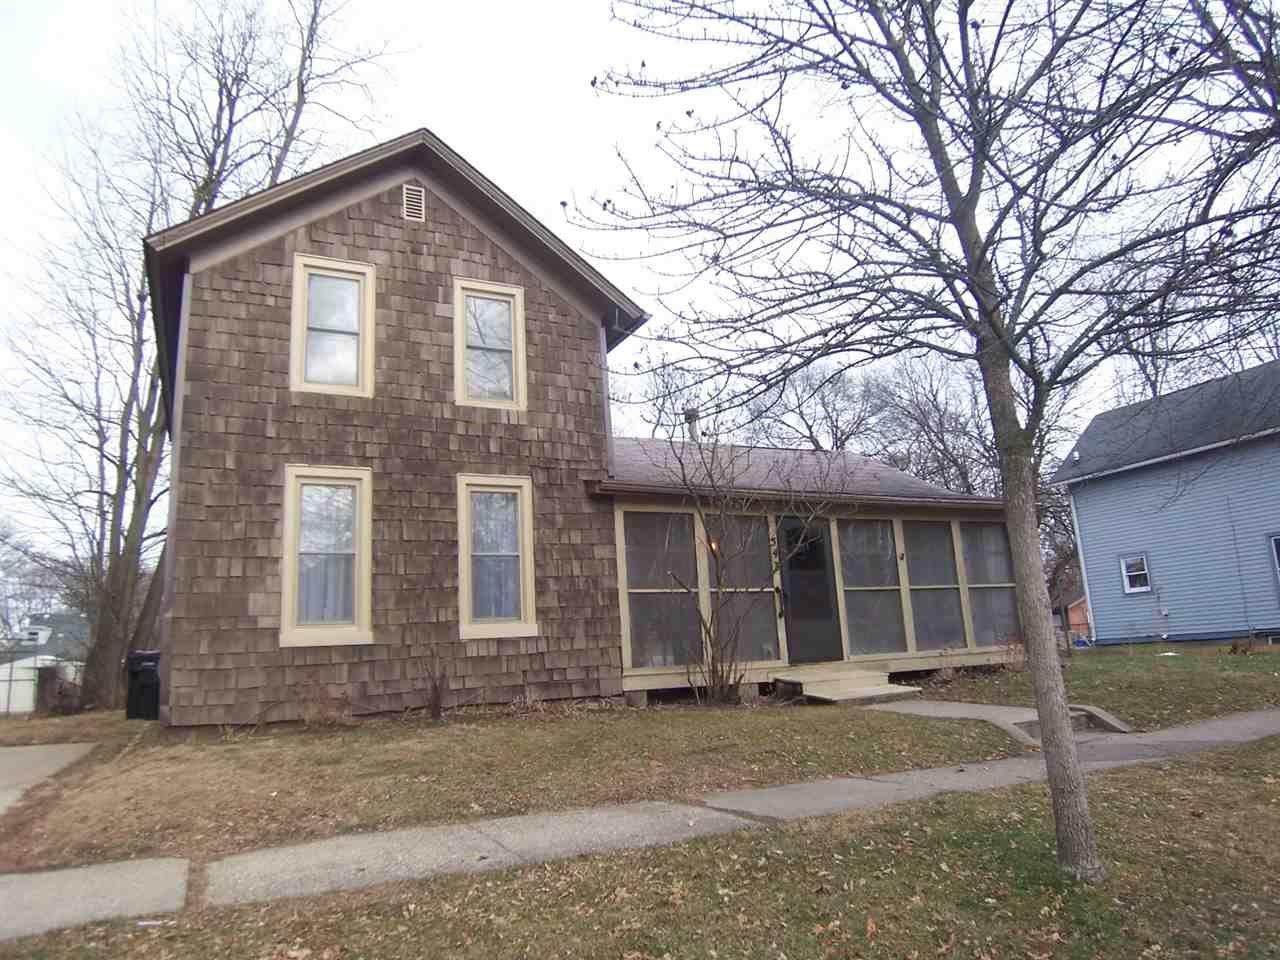 543 Highland Ave, Beloit, WI 53511 - #: 1899602